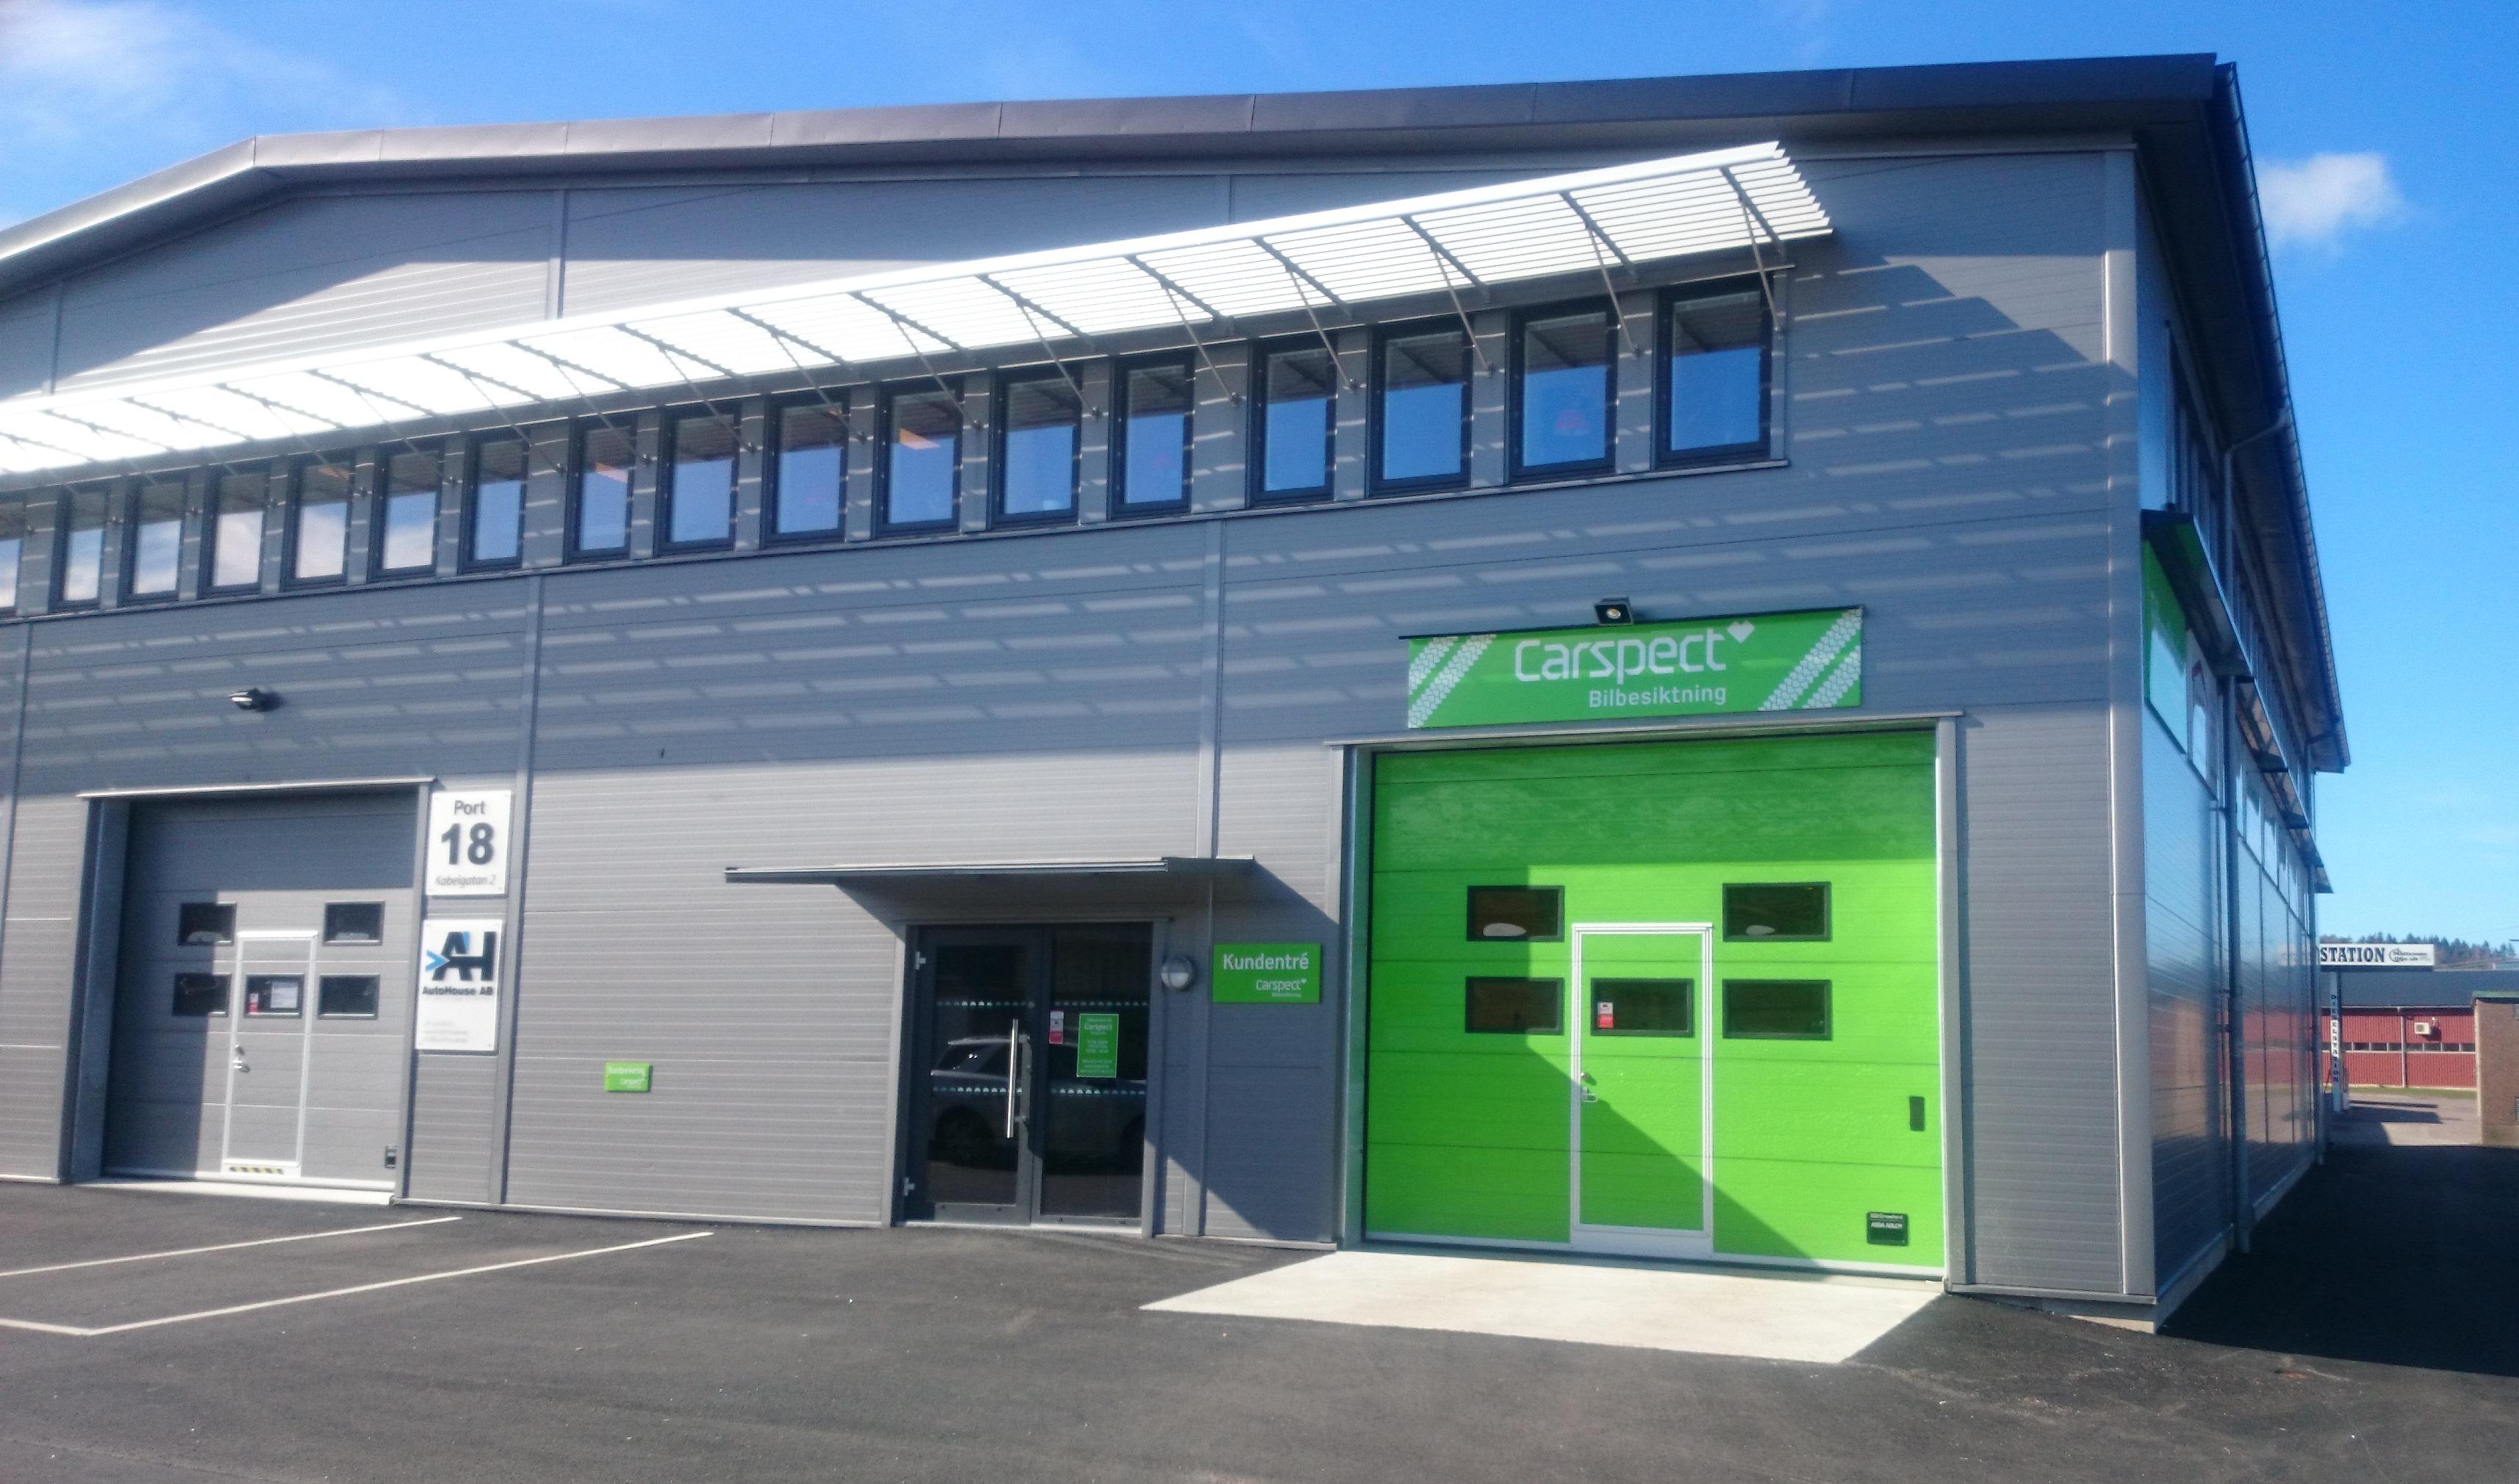 Carsepcts besiktningsstation på Kabelgatan i Kungsbacka